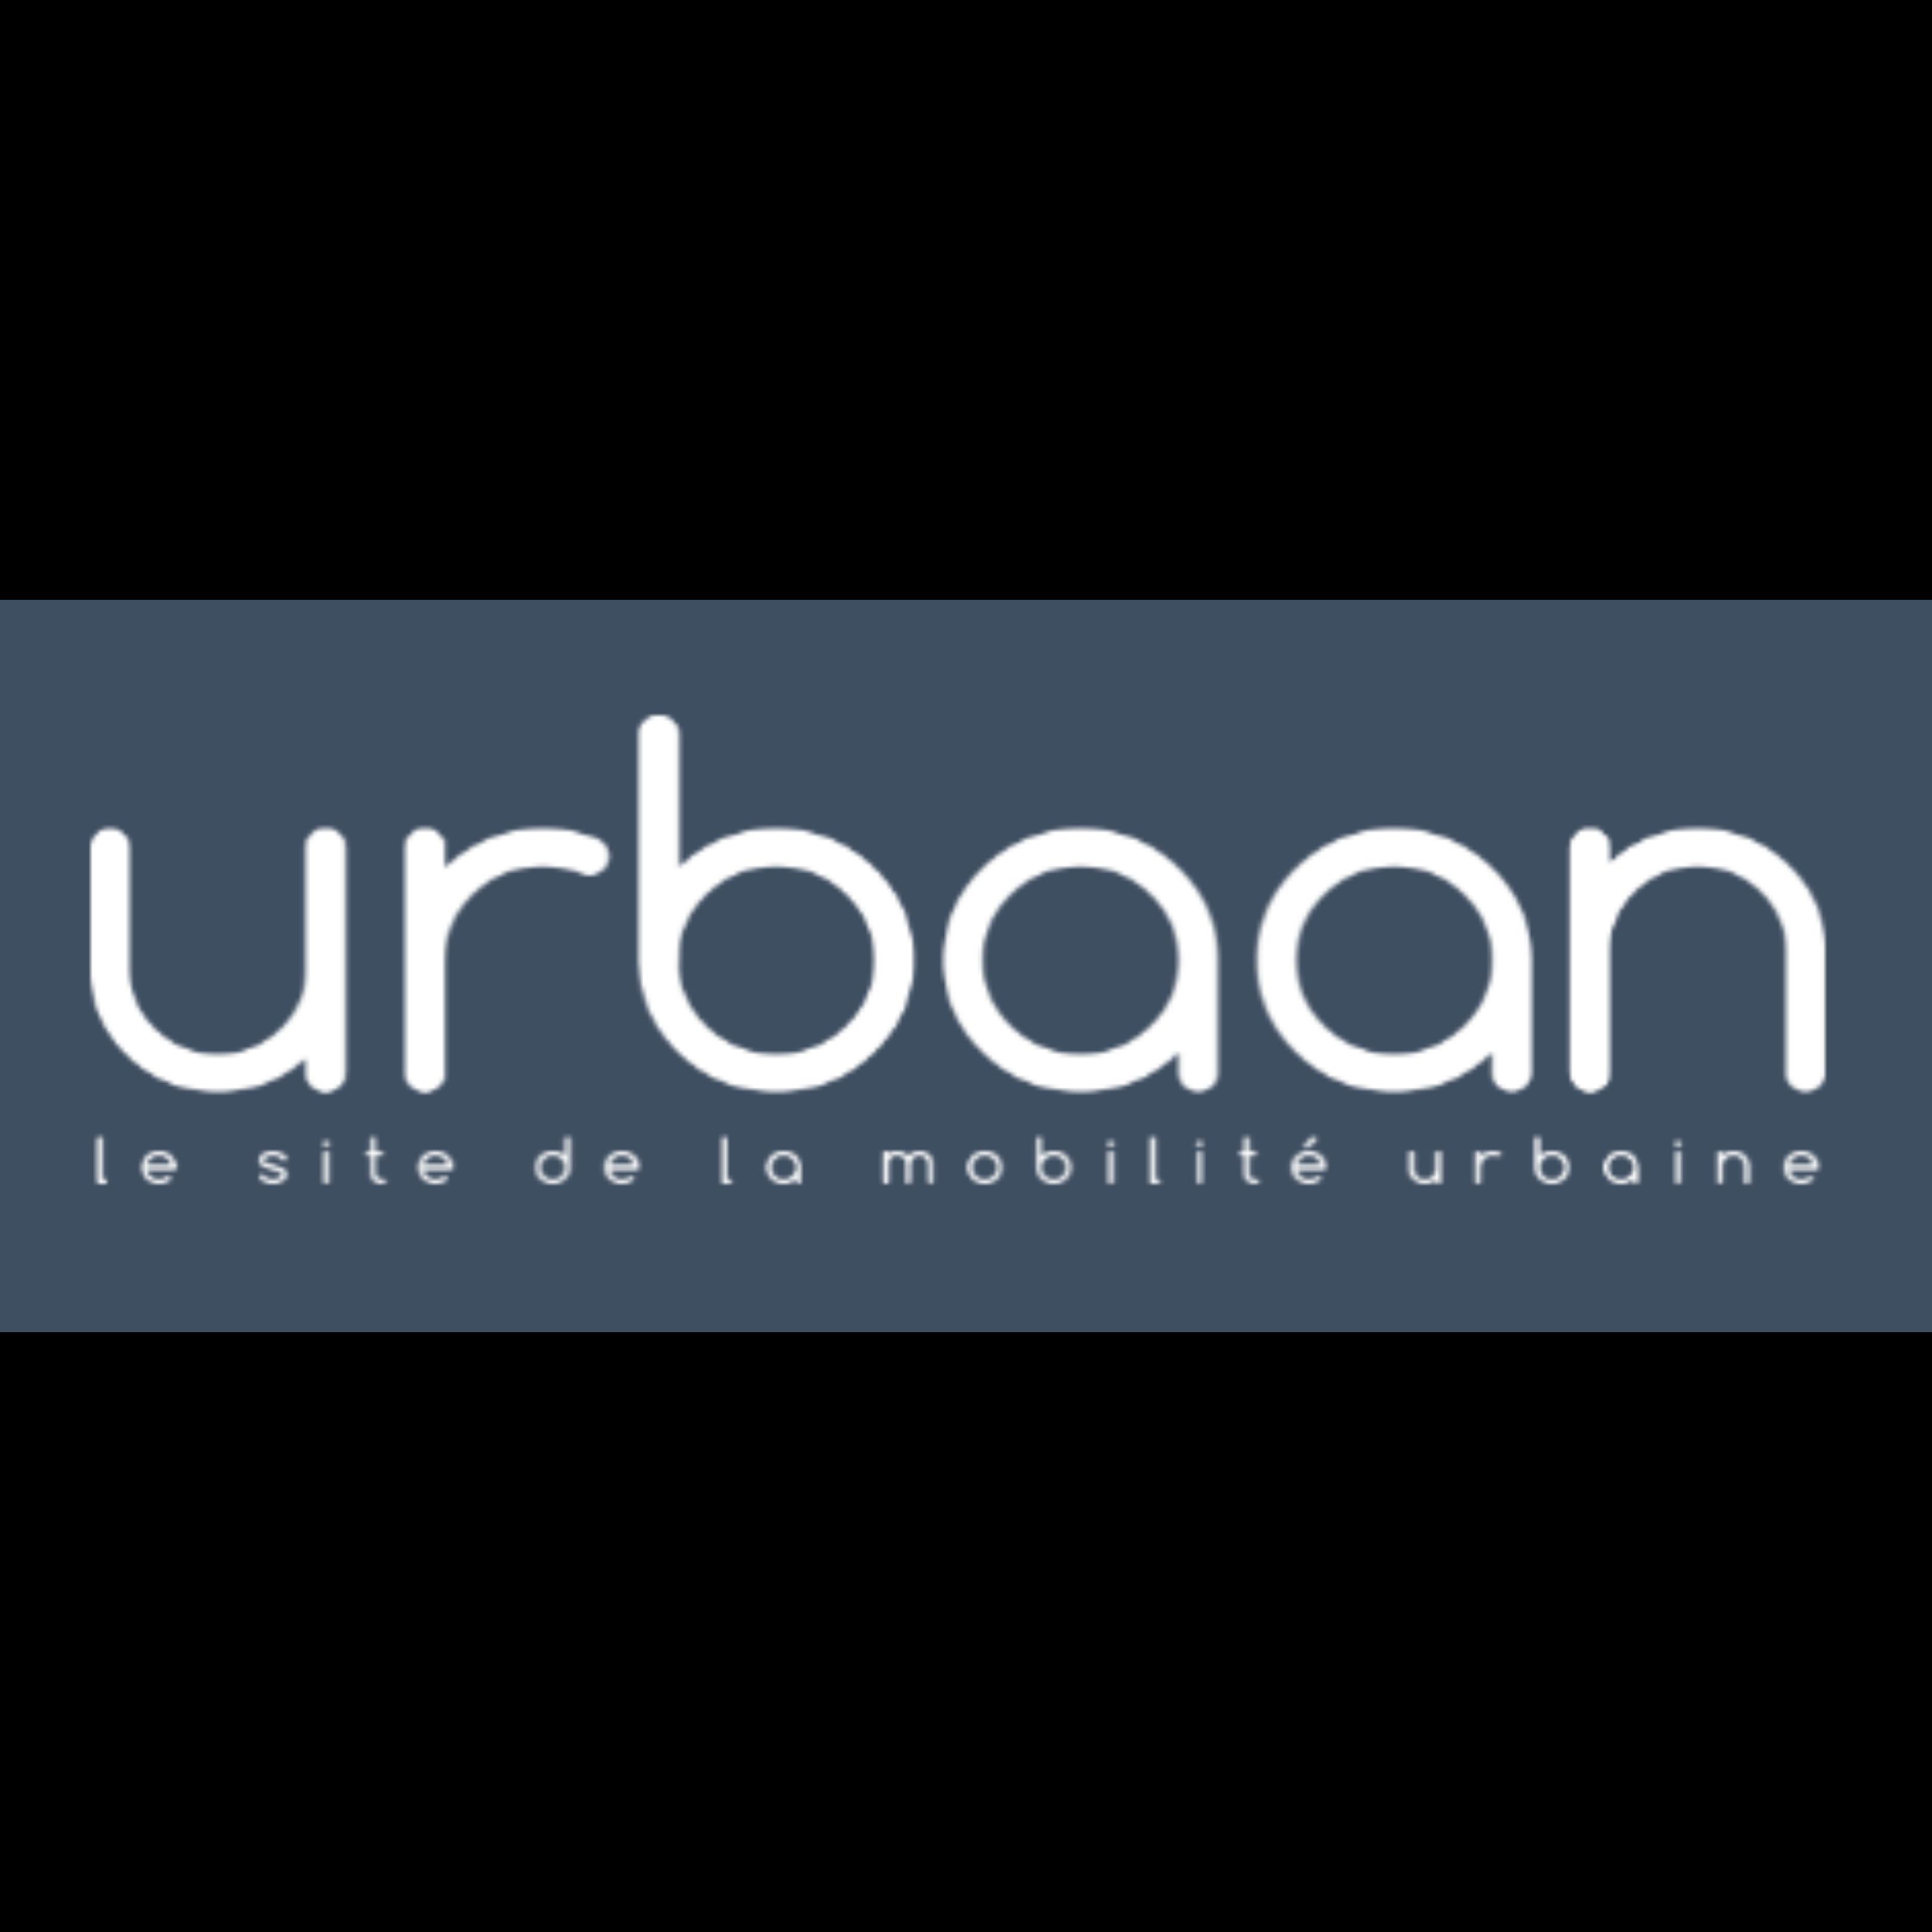 Urban logo png